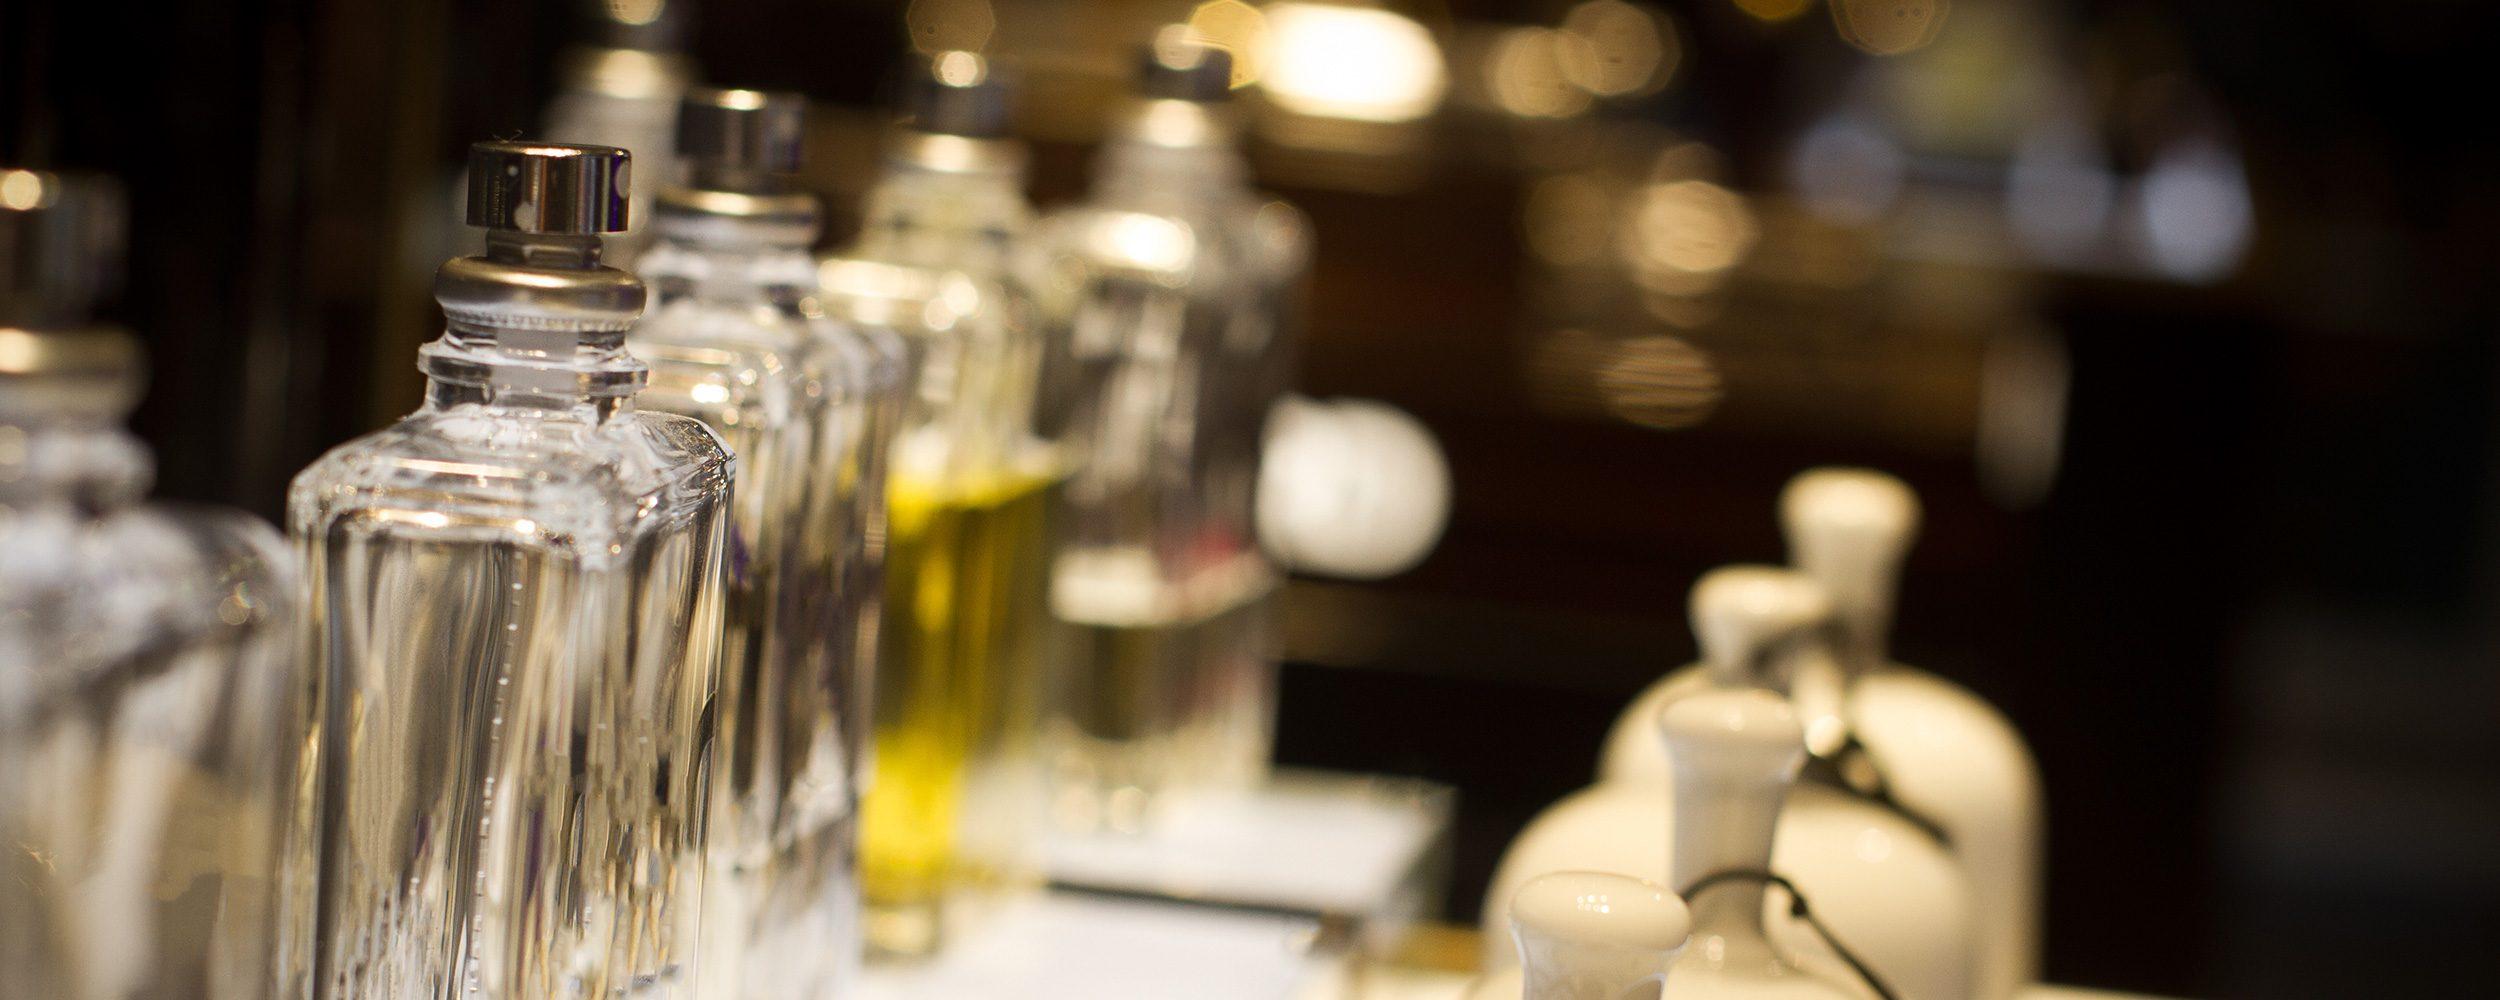 Концентрати для створення парфумів від відомих ТМ